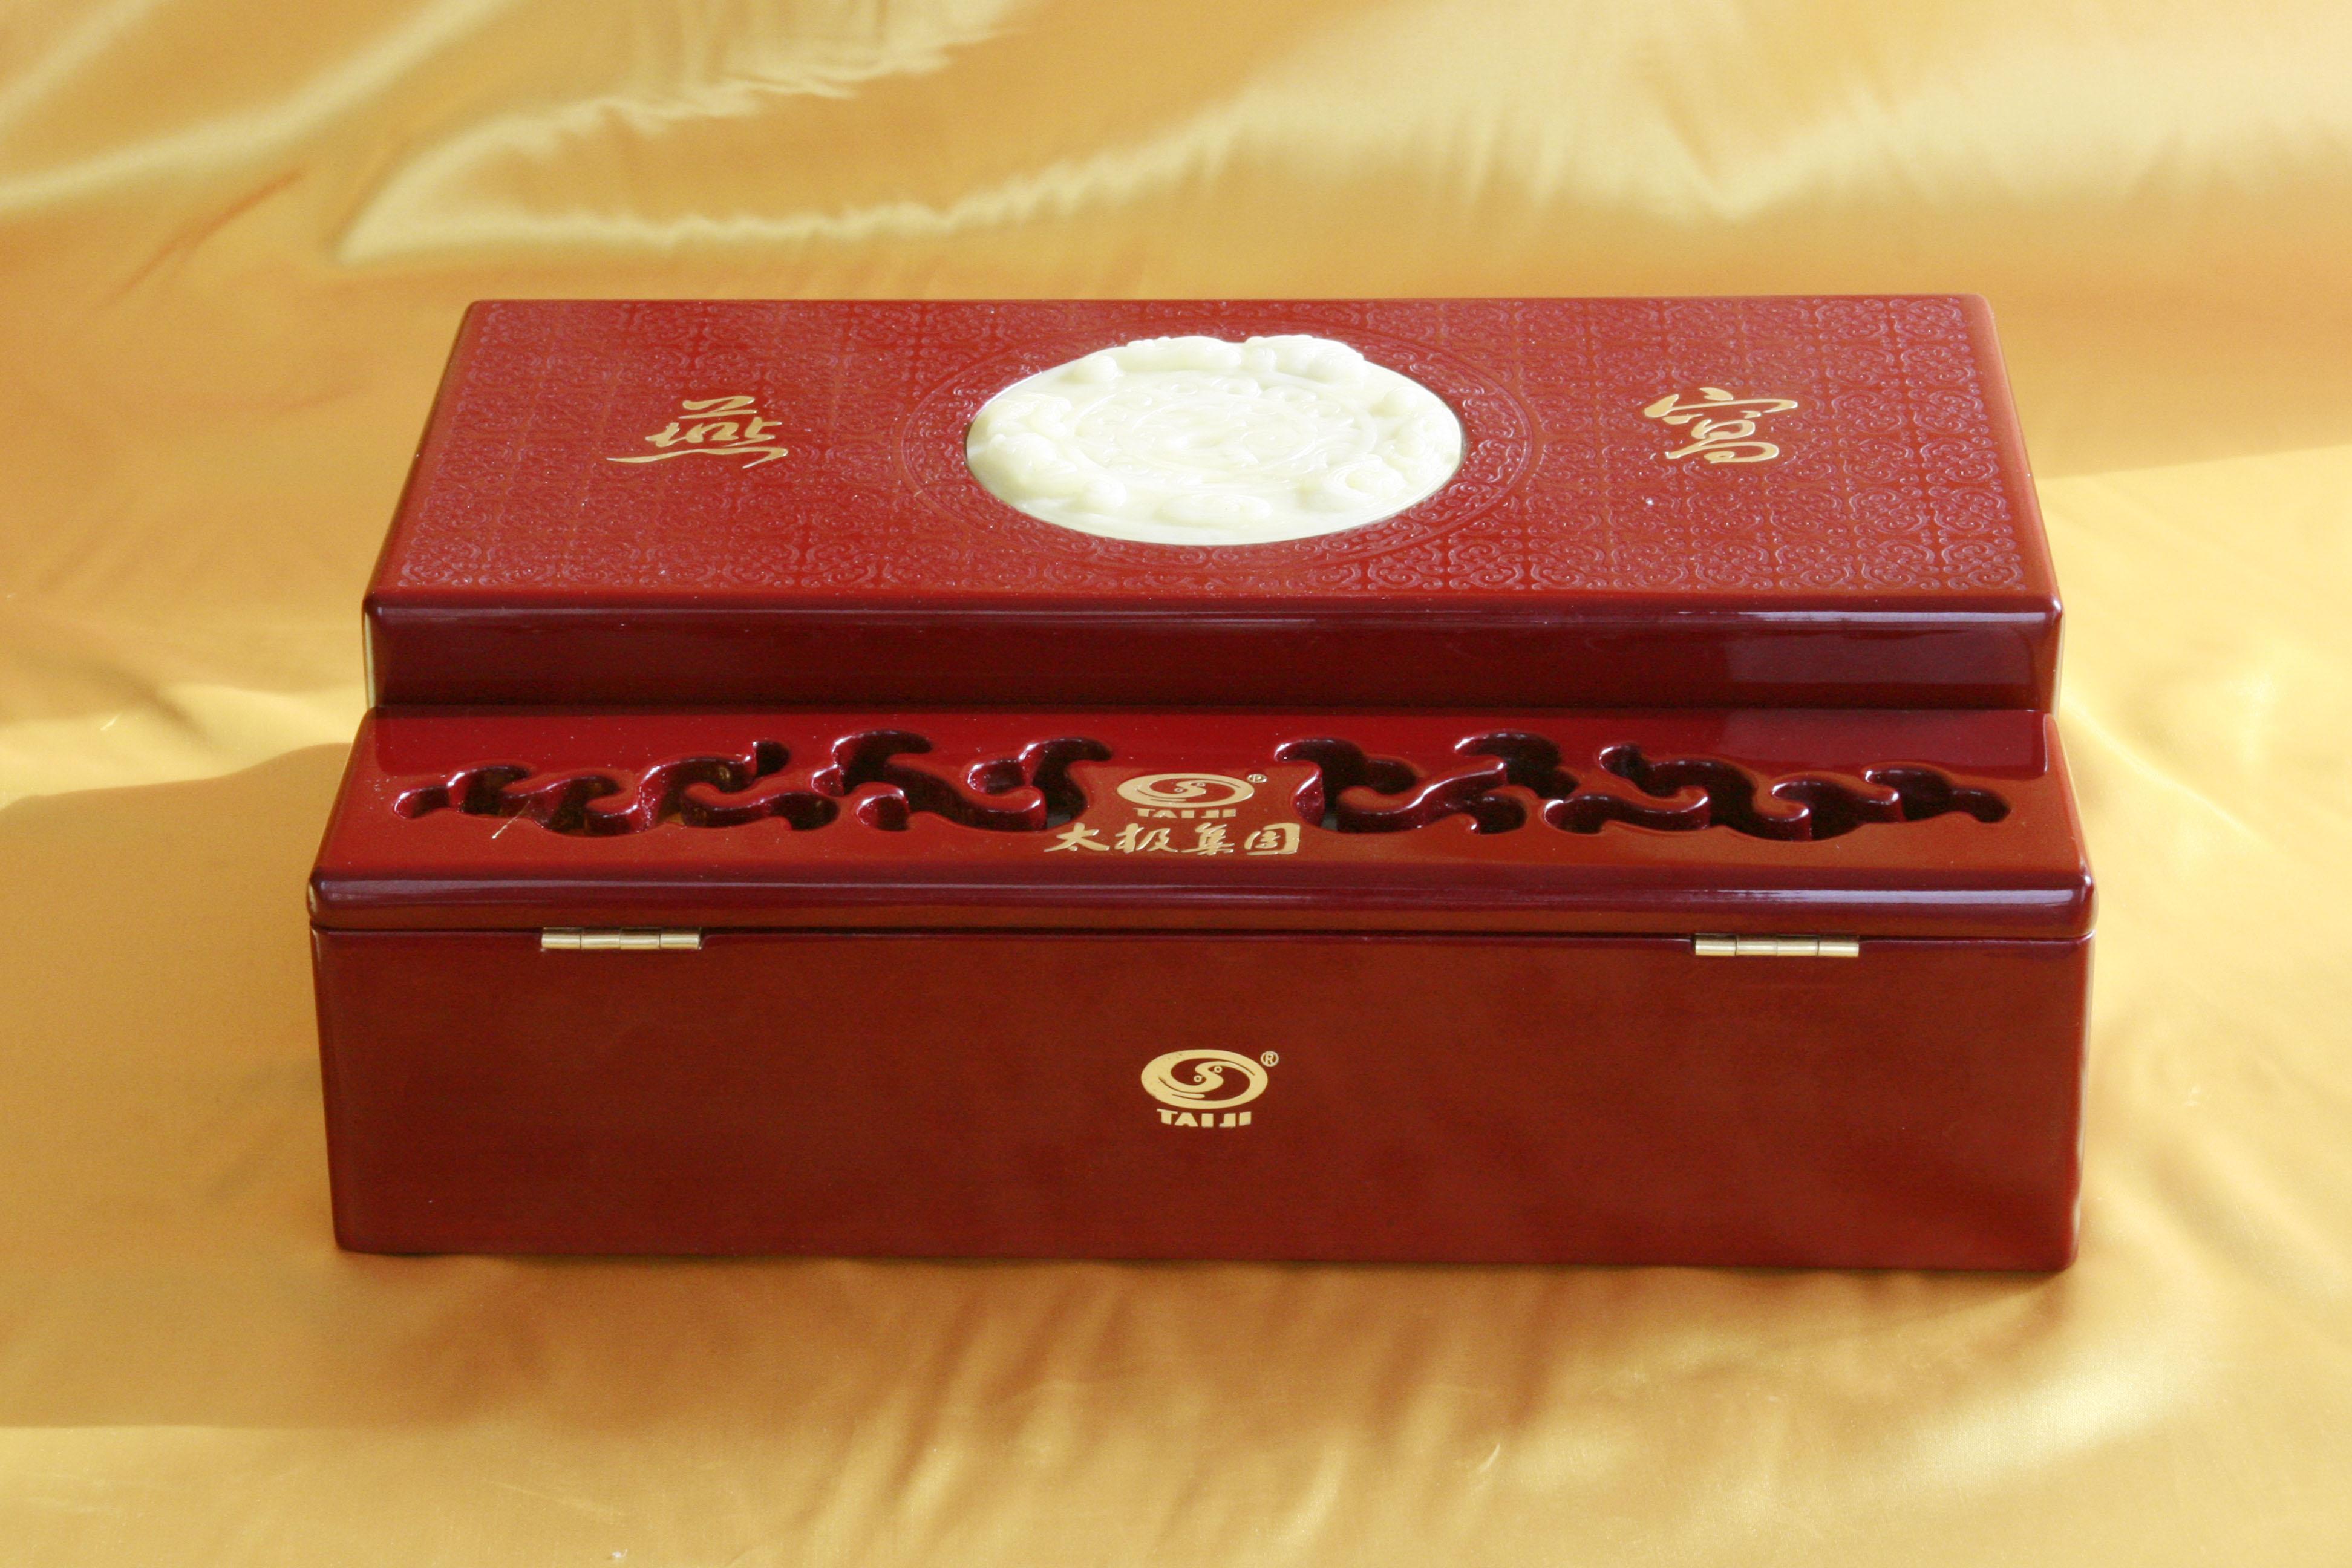 上海印刷厂如何降低礼品盒制作烫金工艺成本